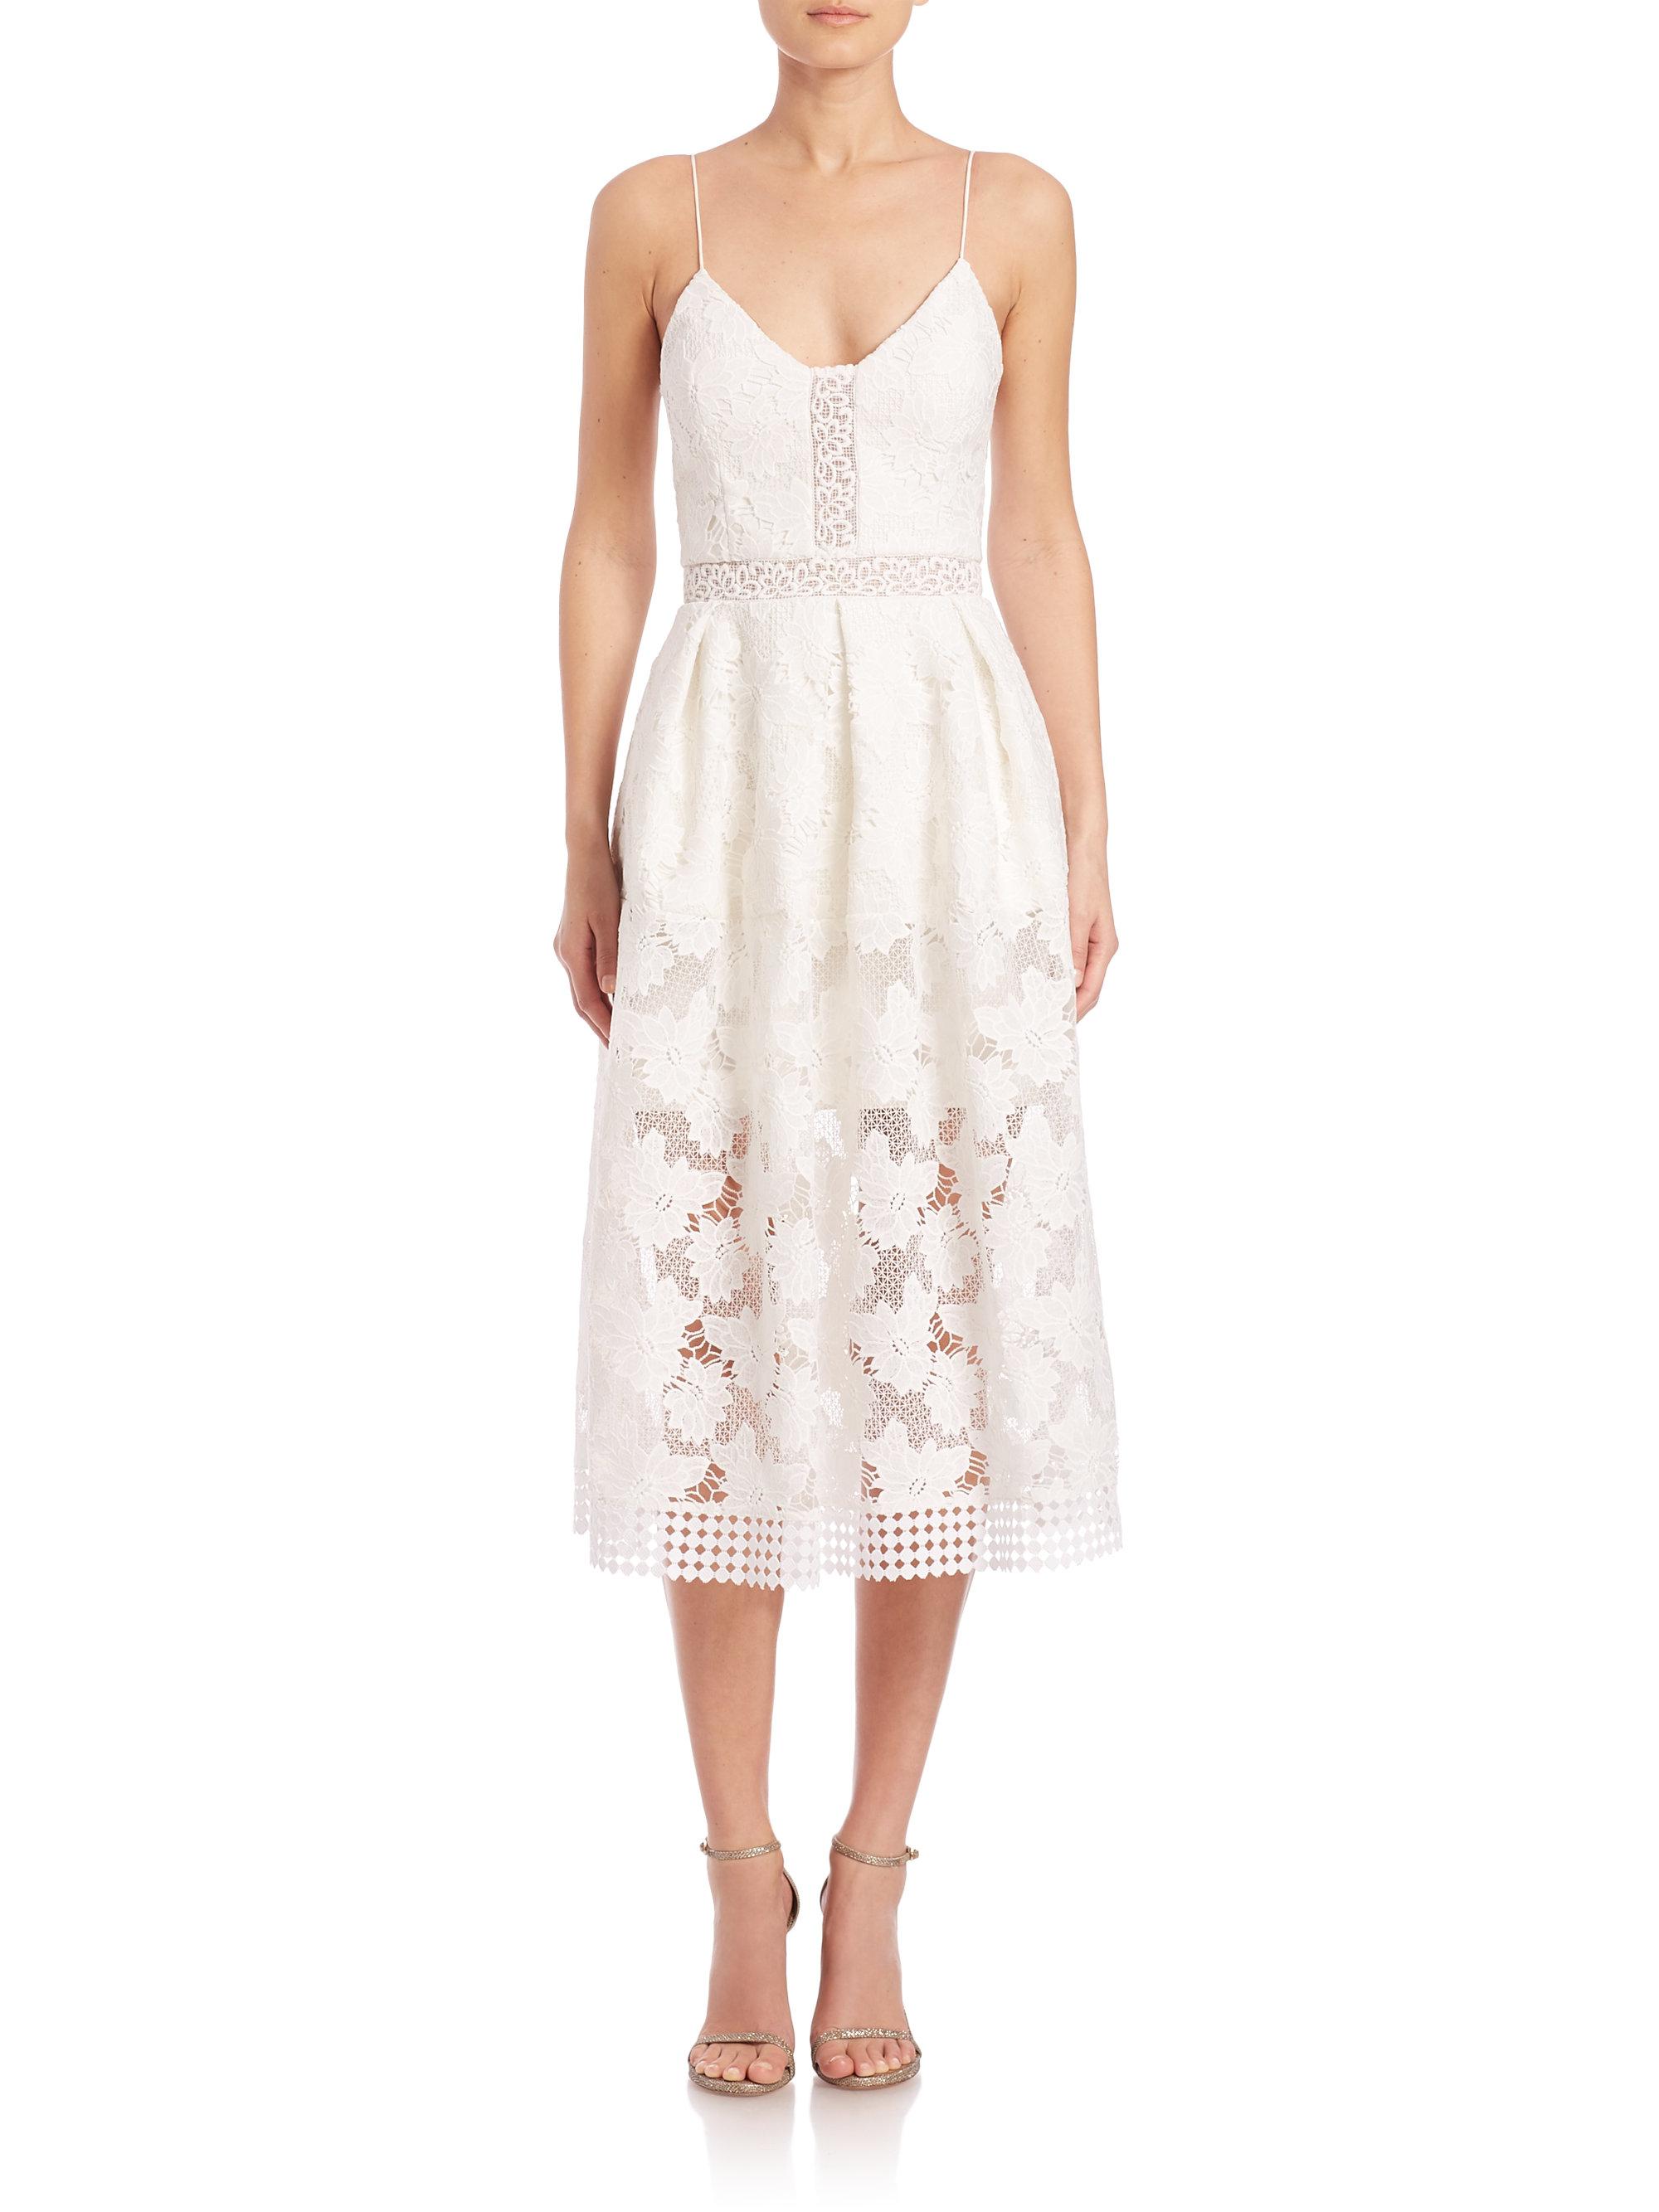 White lace flower dress best dress 2017 white beautiful fl lace flower dress mightylinksfo